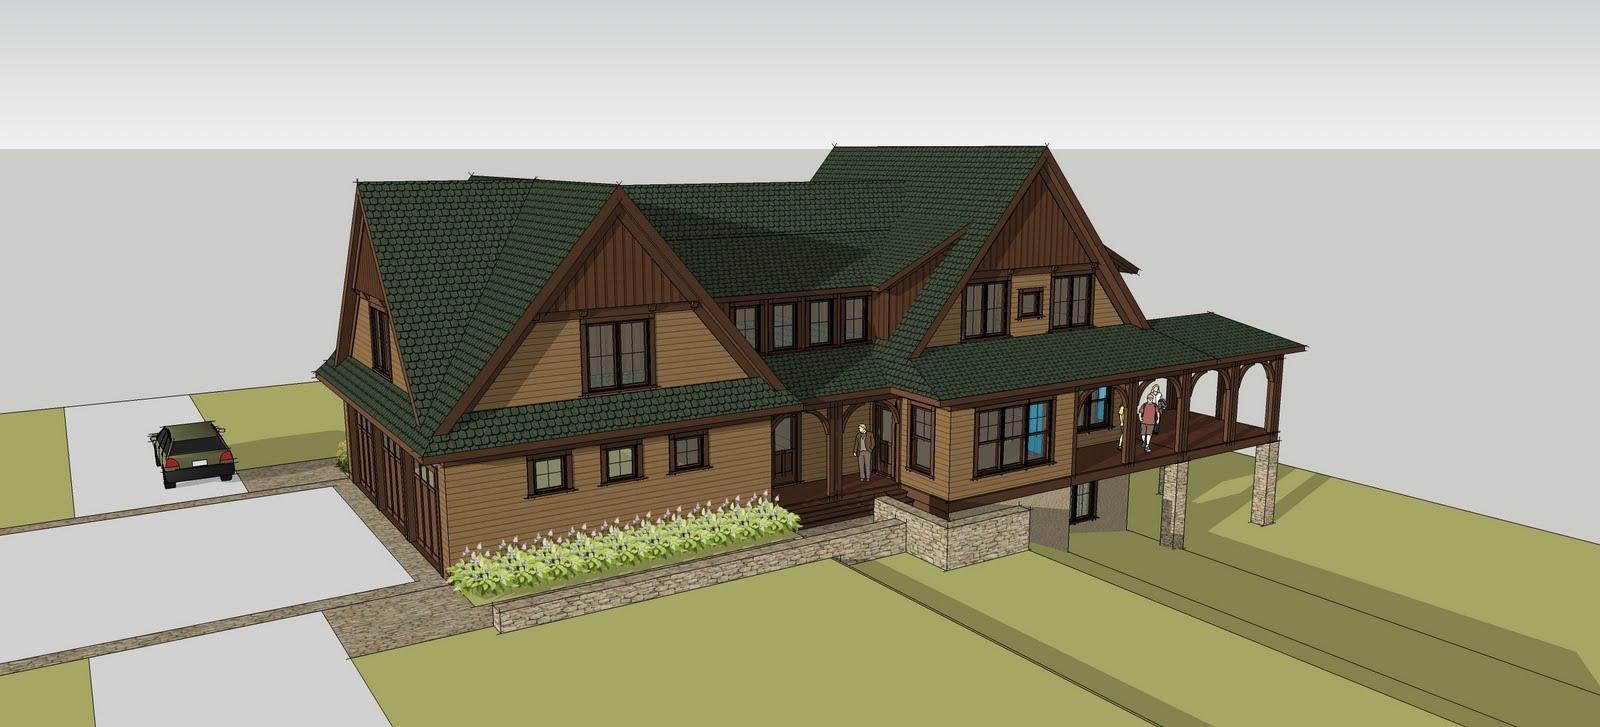 simply elegant home designs blog may 2011. Black Bedroom Furniture Sets. Home Design Ideas